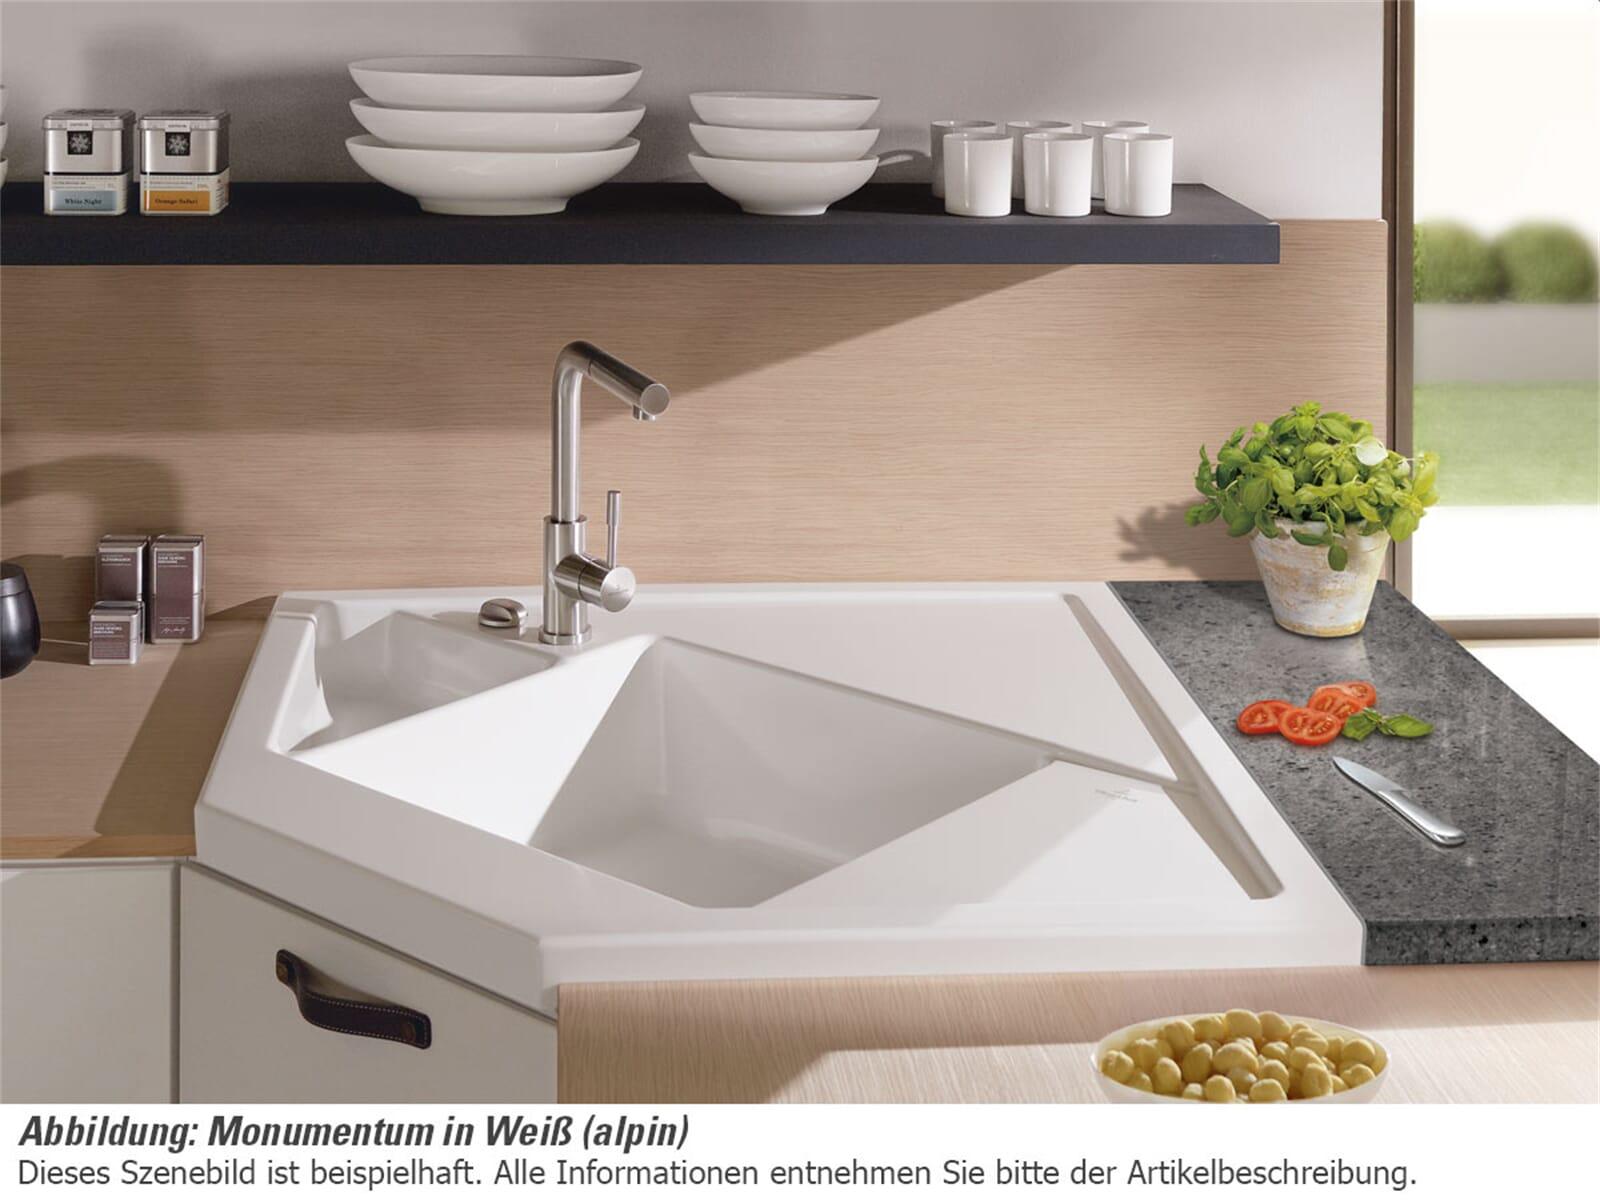 Villeroy & Boch Monumentum Weiß (alpin) - 3303 02 R1 Keramikspüle Exzenterbetätigung